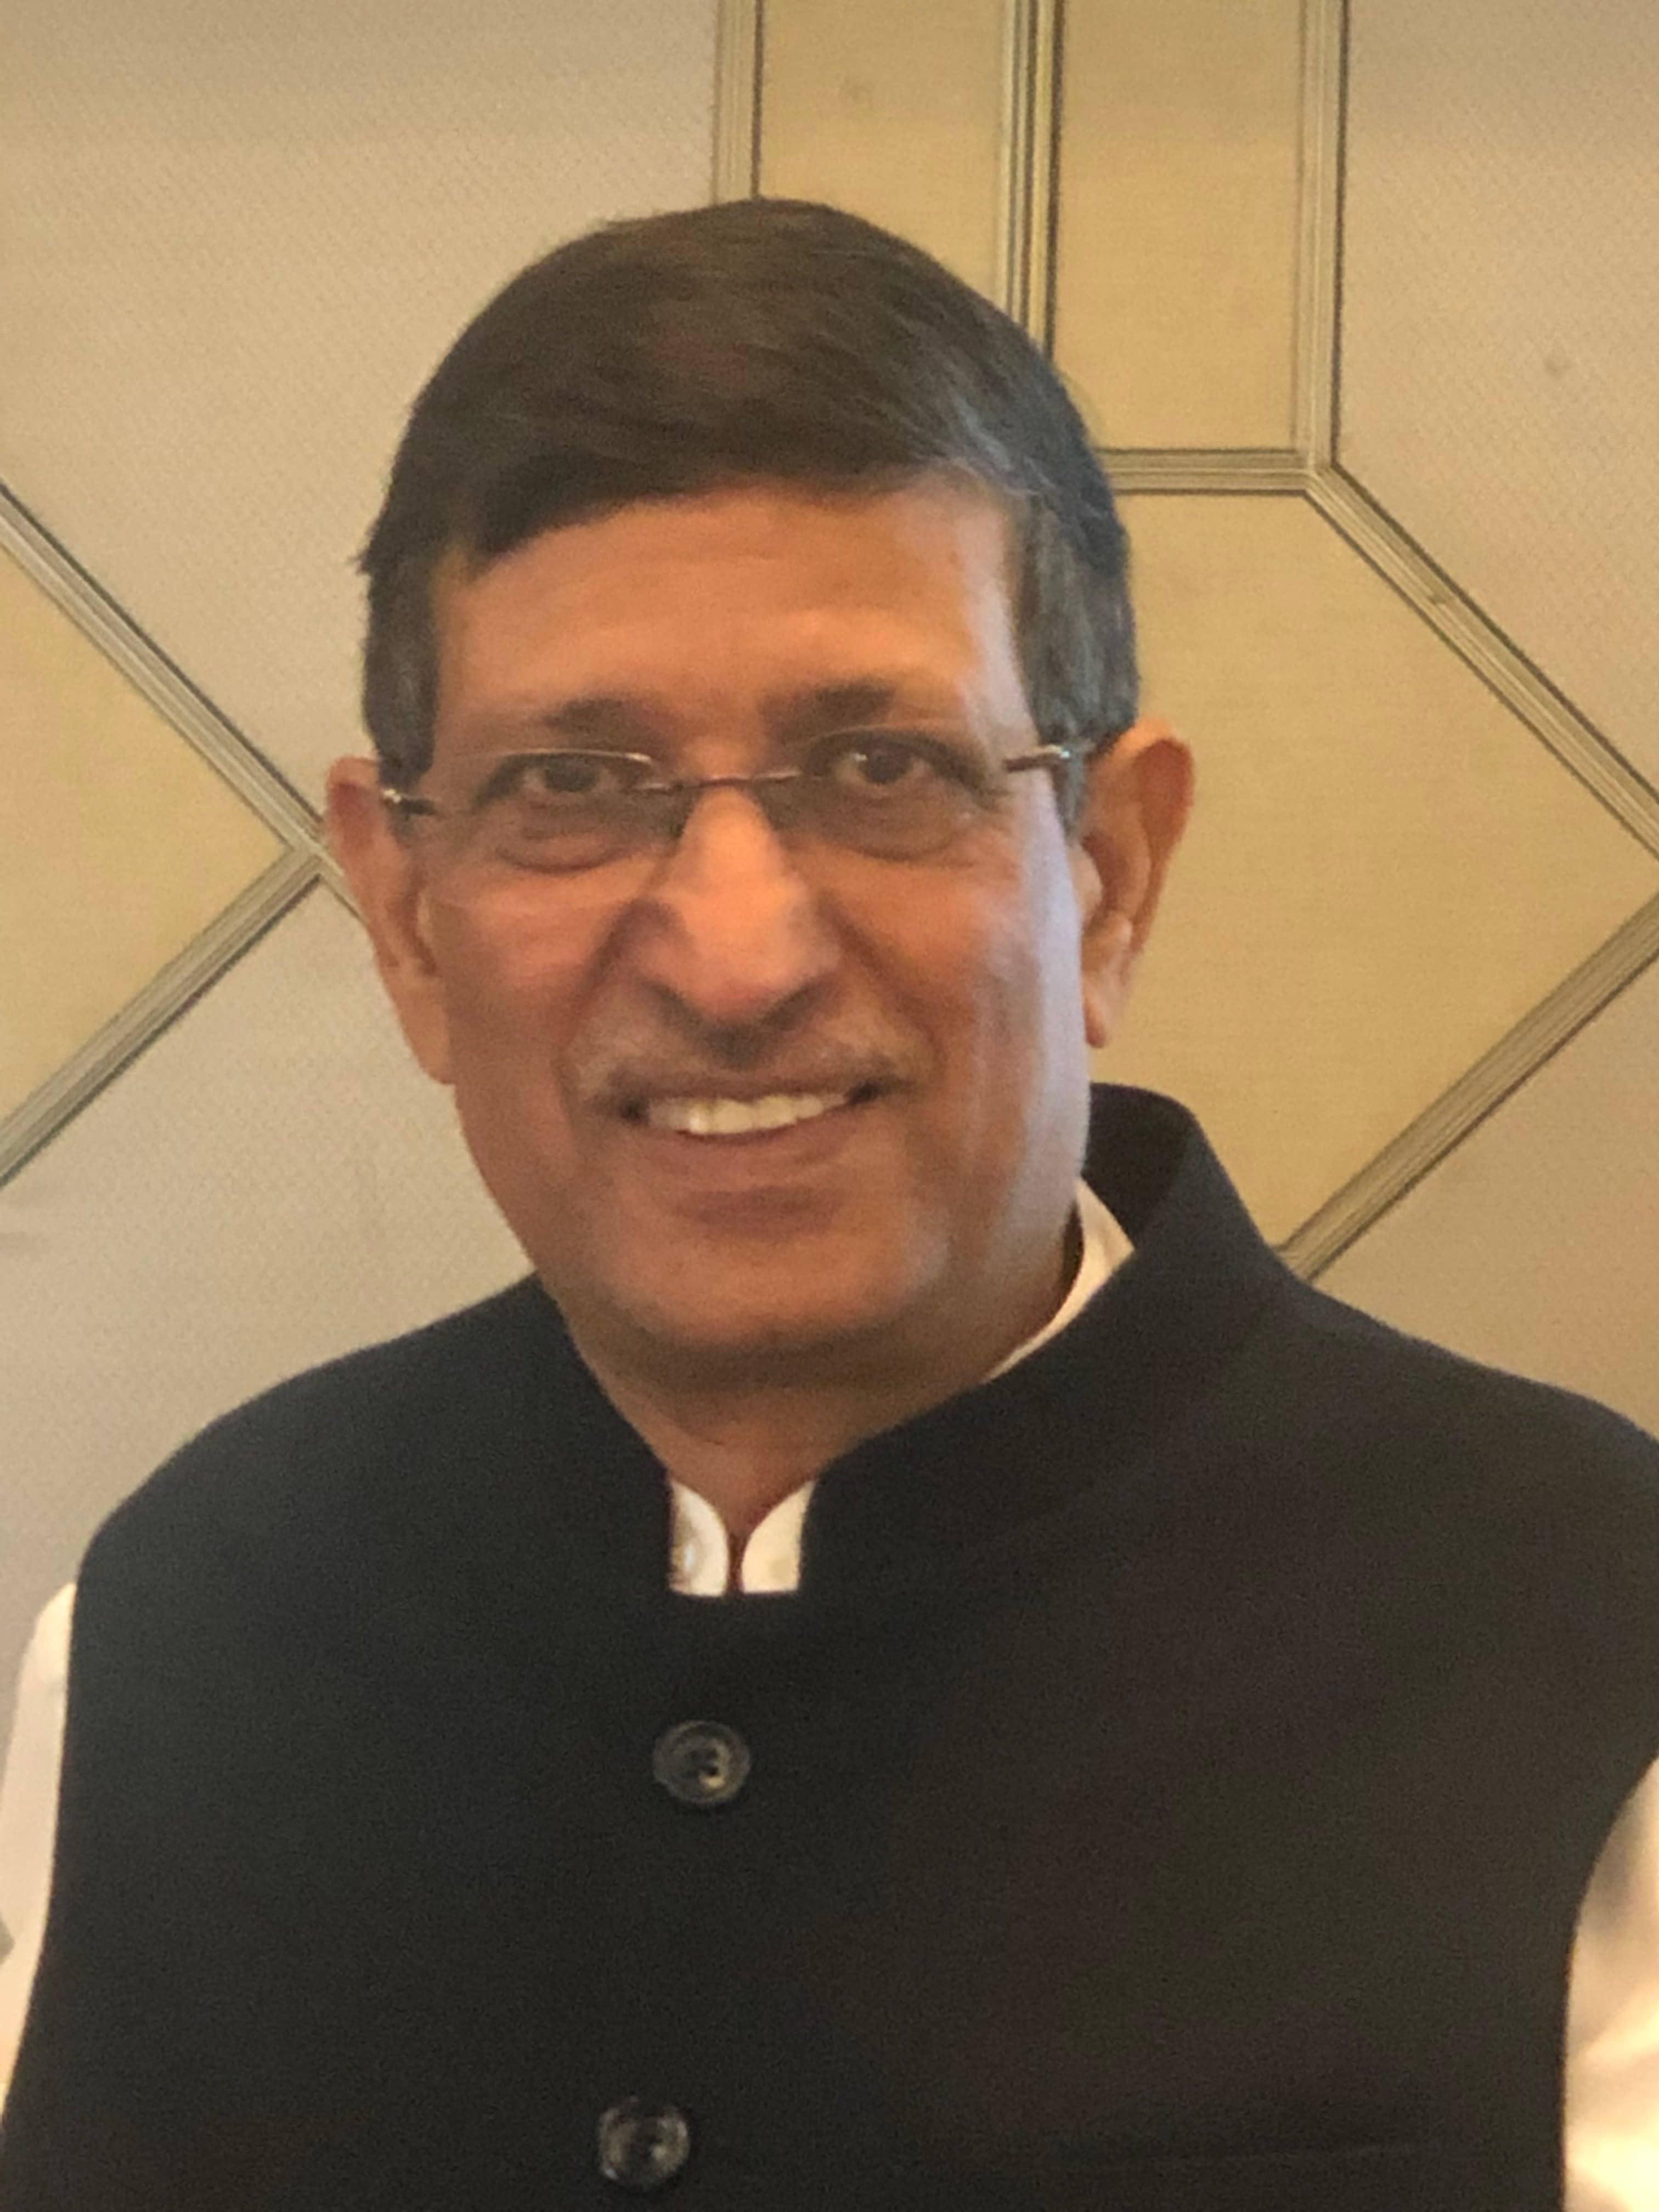 Shashi Maudgal